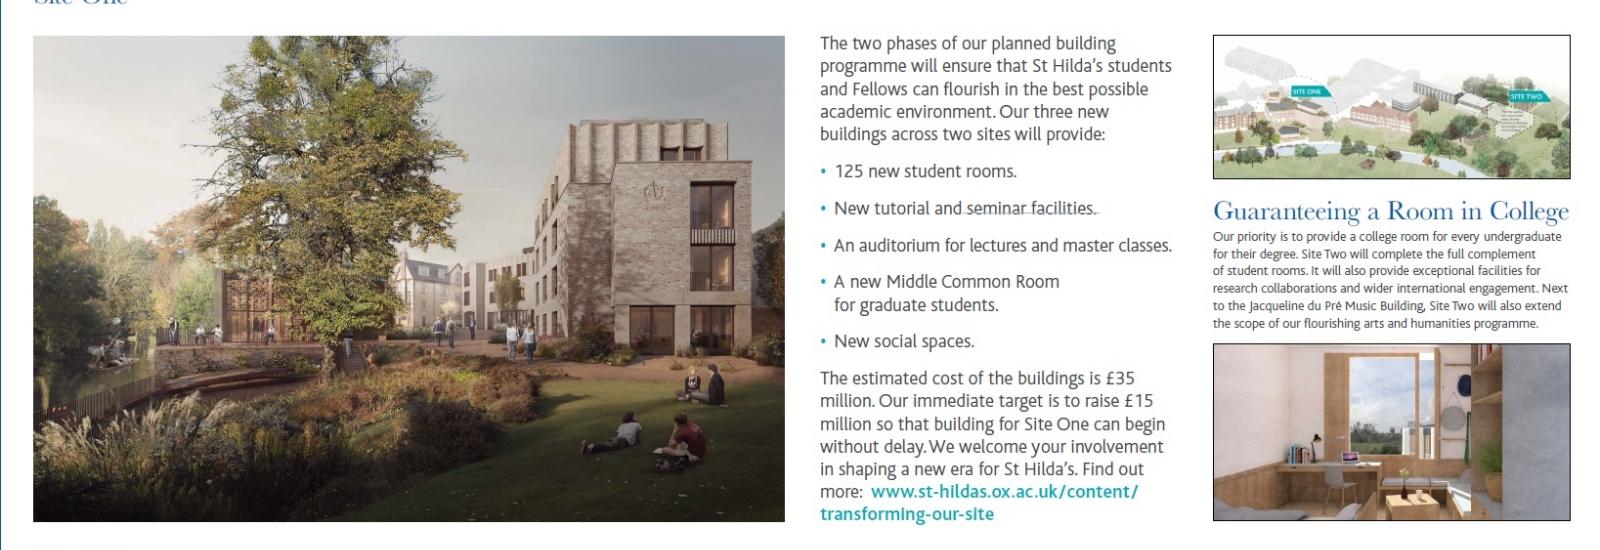 Building the Future: St Hilda's 125th Anniversary Campaign